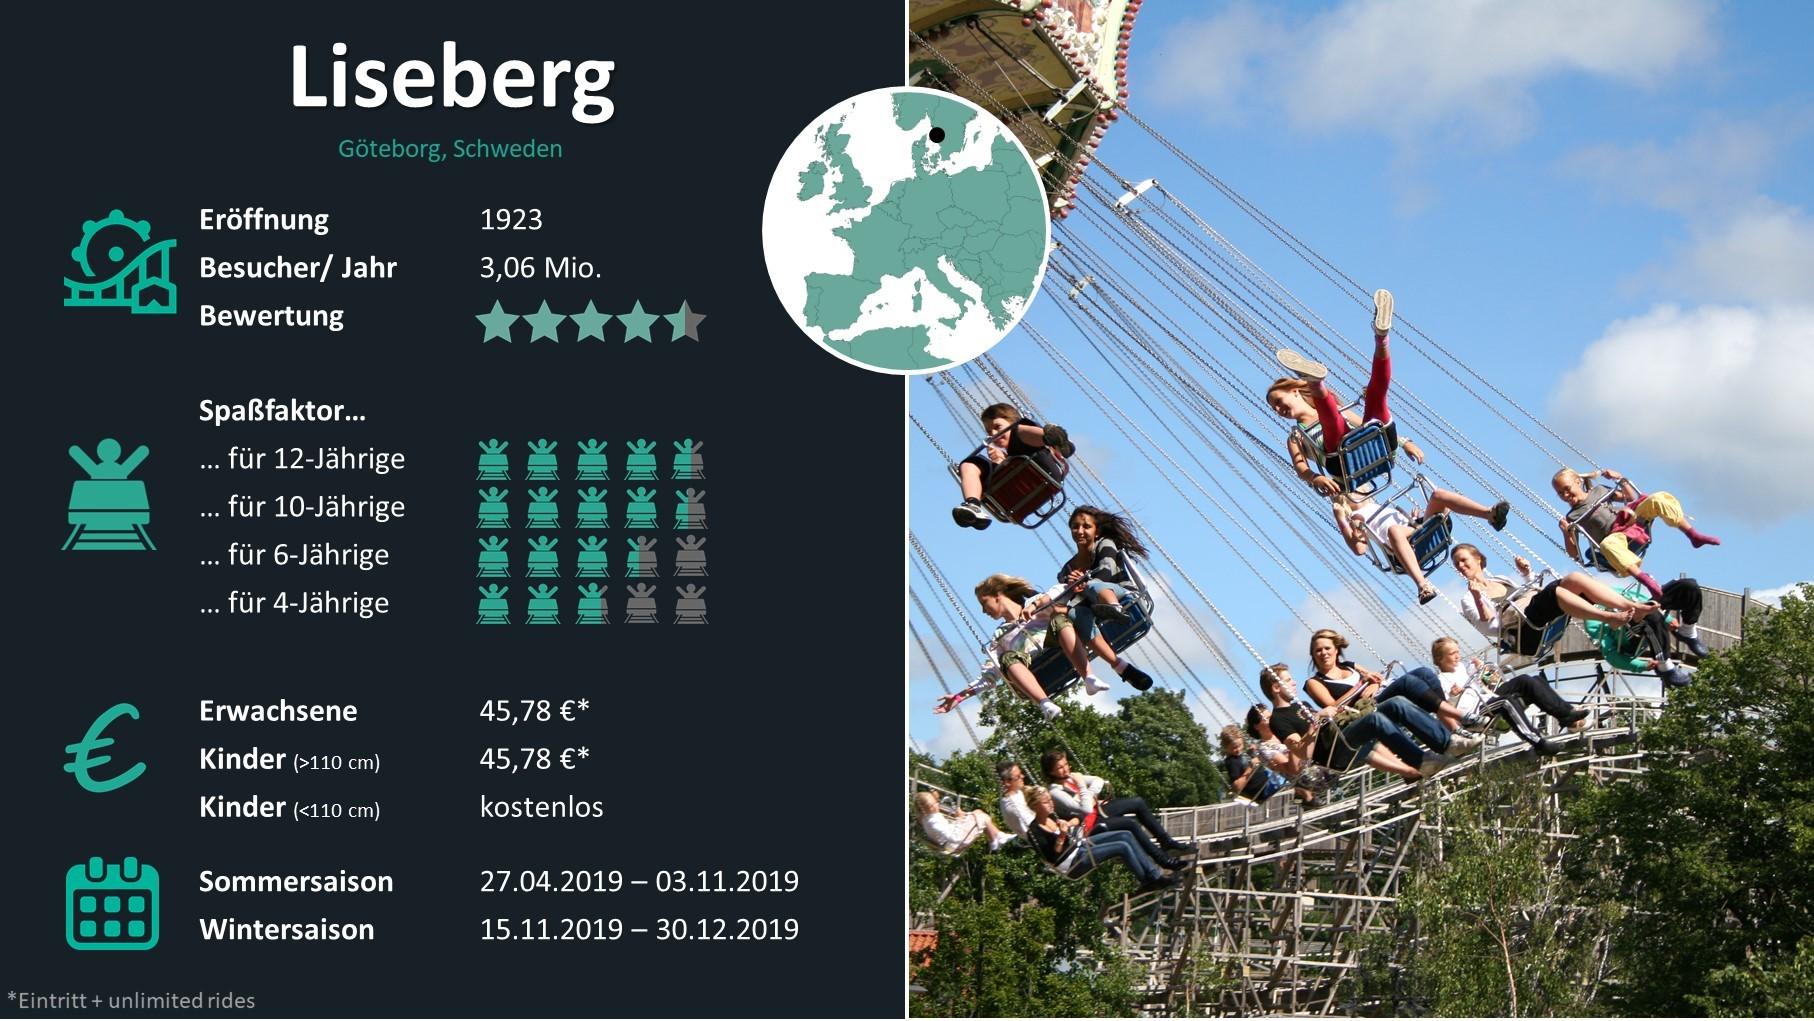 Freizeitpark Check: Liseberg